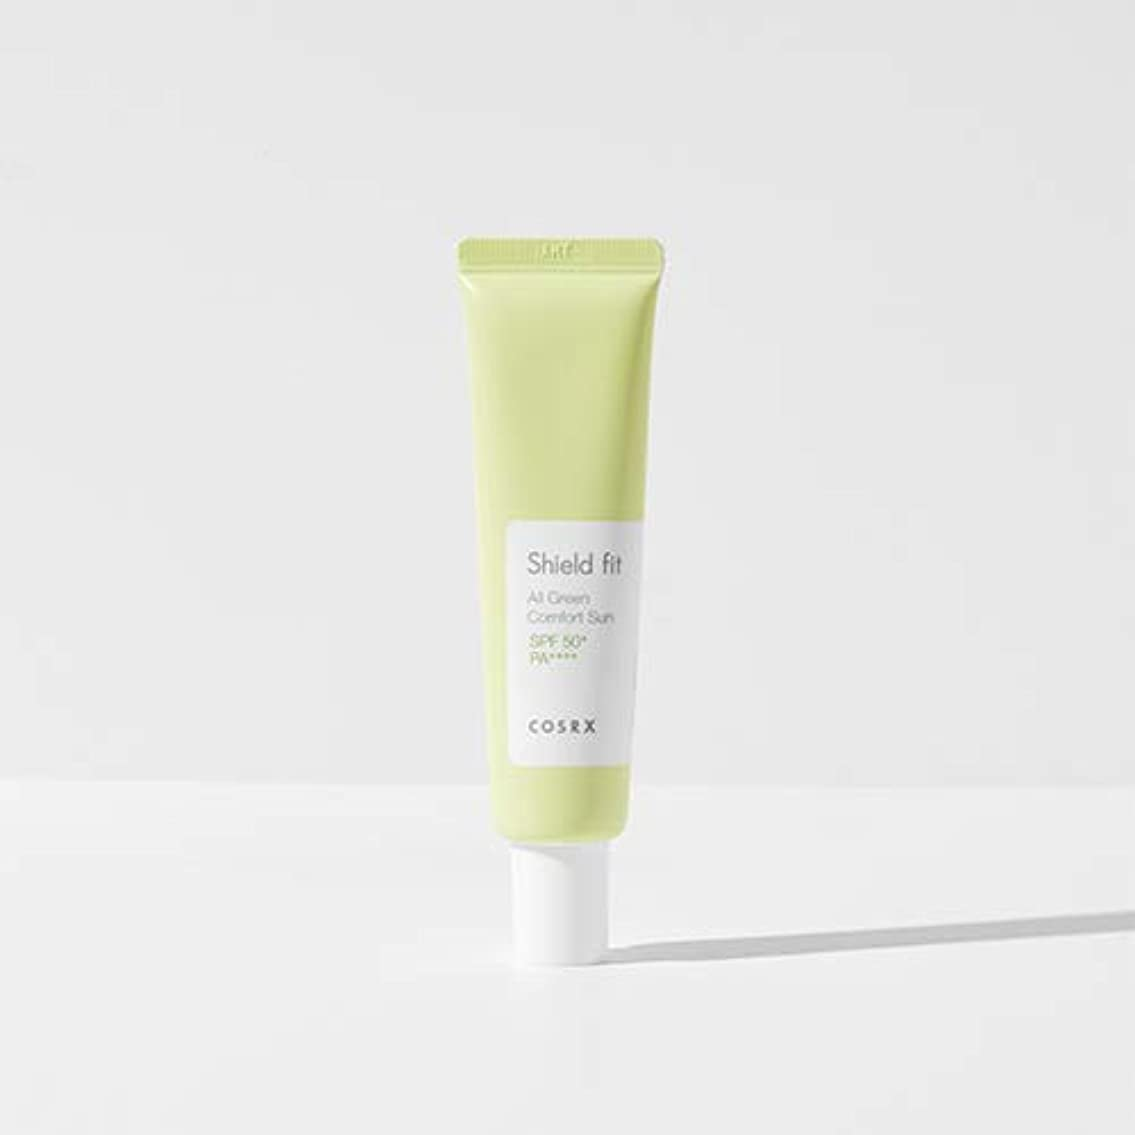 に負ける文ルビーCOSRX シールド フィット オール グリーン コンフォート サン(無機系)/Shield fit All Green Comfort Sun (35ml) [並行輸入品]